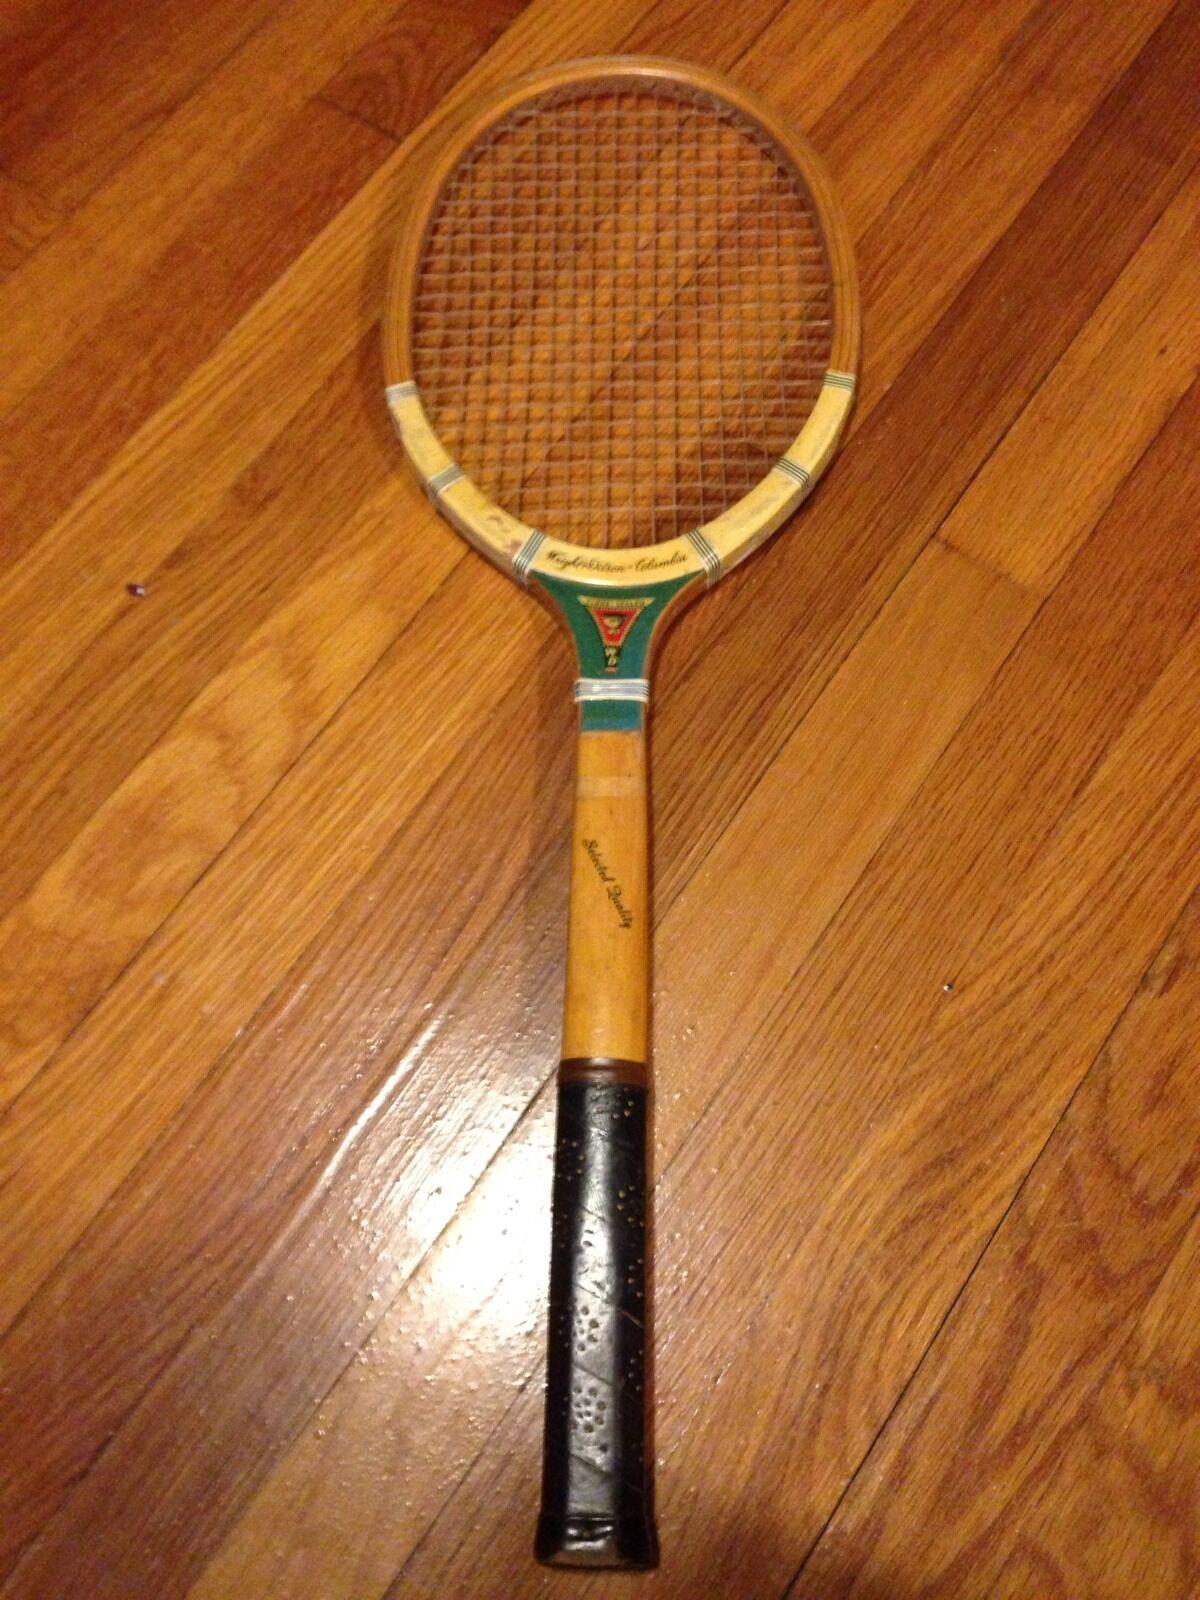 Vintage Raqueta De Tenis Wright Y Ditson